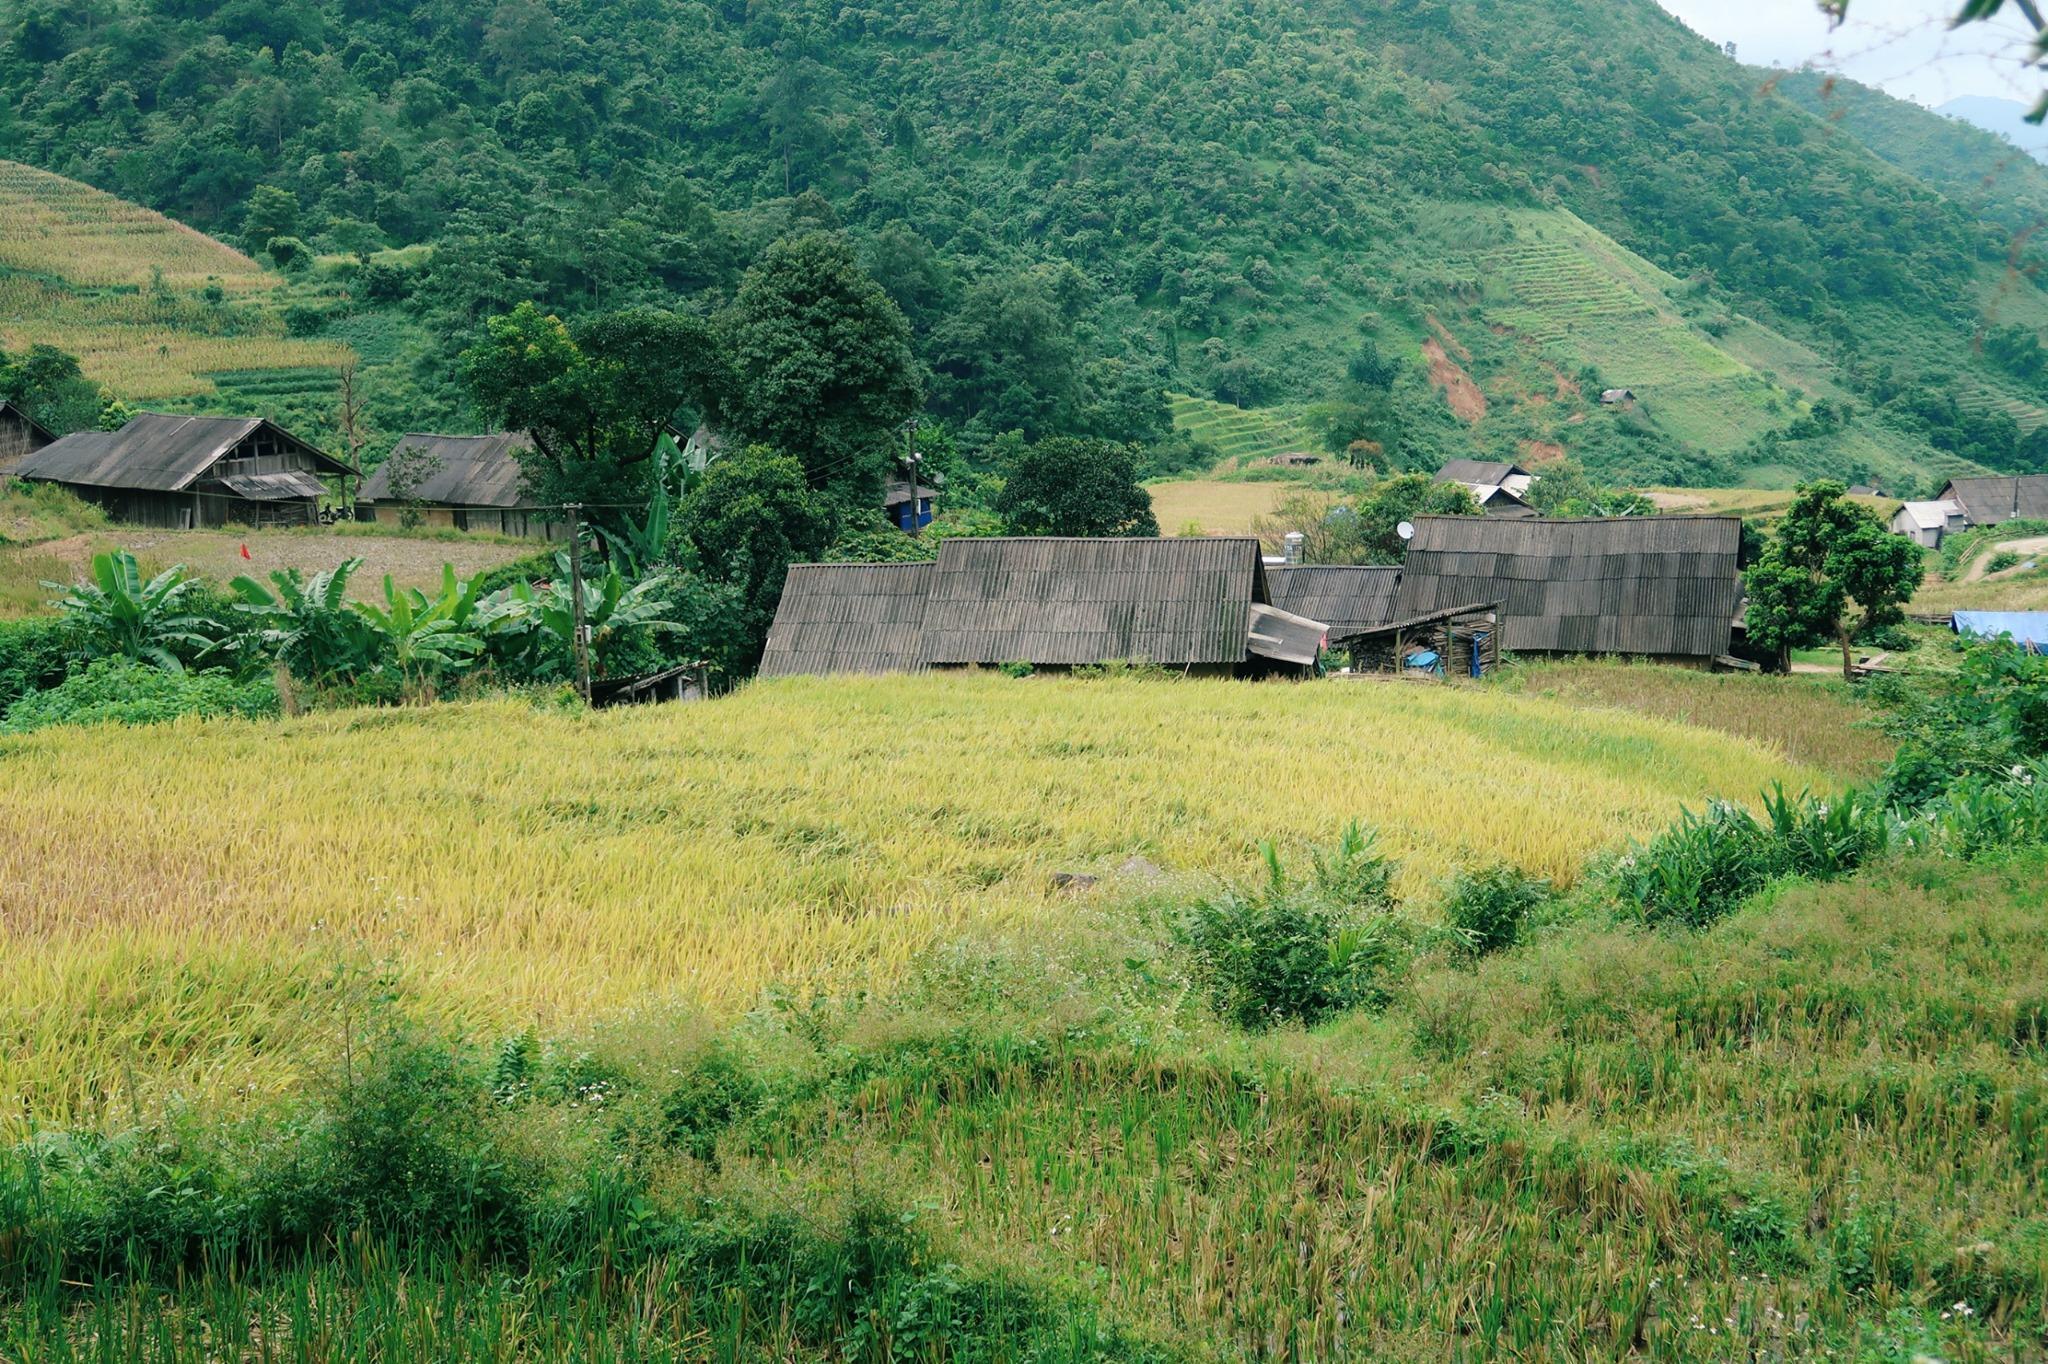 Lúa vàng xen lẫn những căn nhà đơn sơ